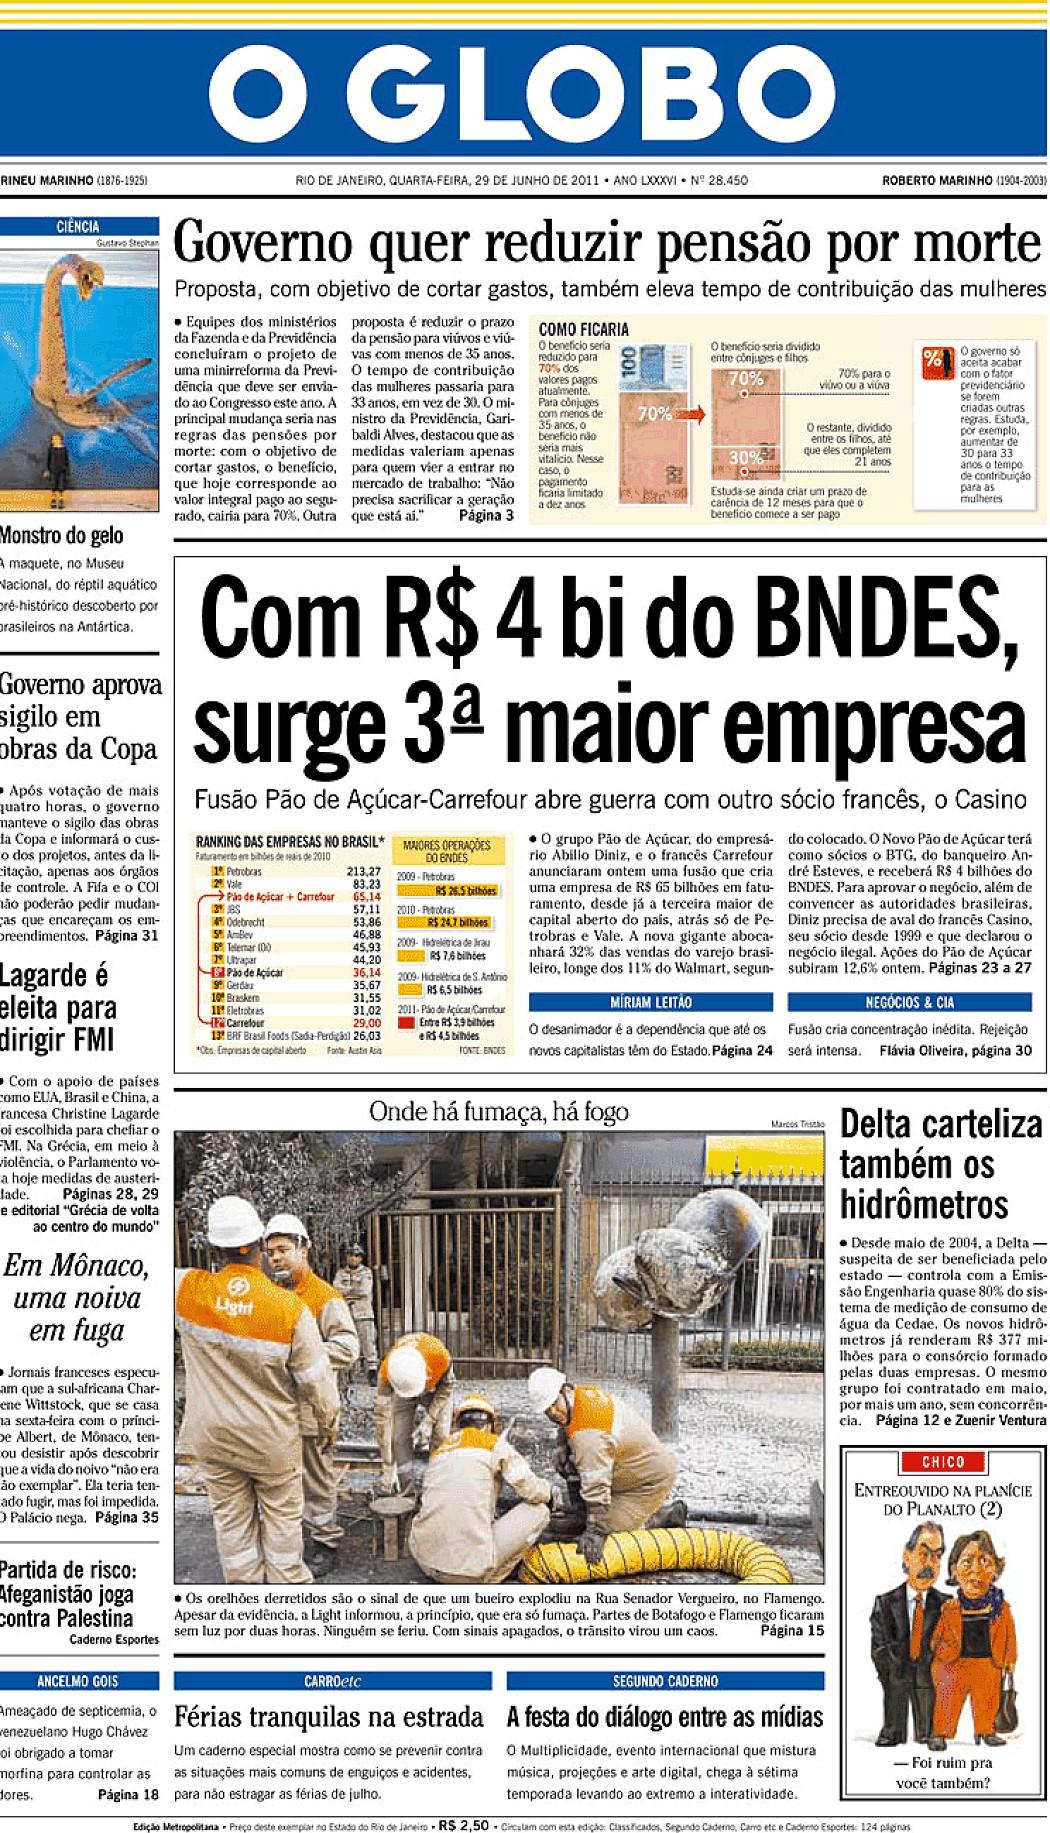 O Globo 29 Jun 2011 Jornais E Revistas Sapo Notícias